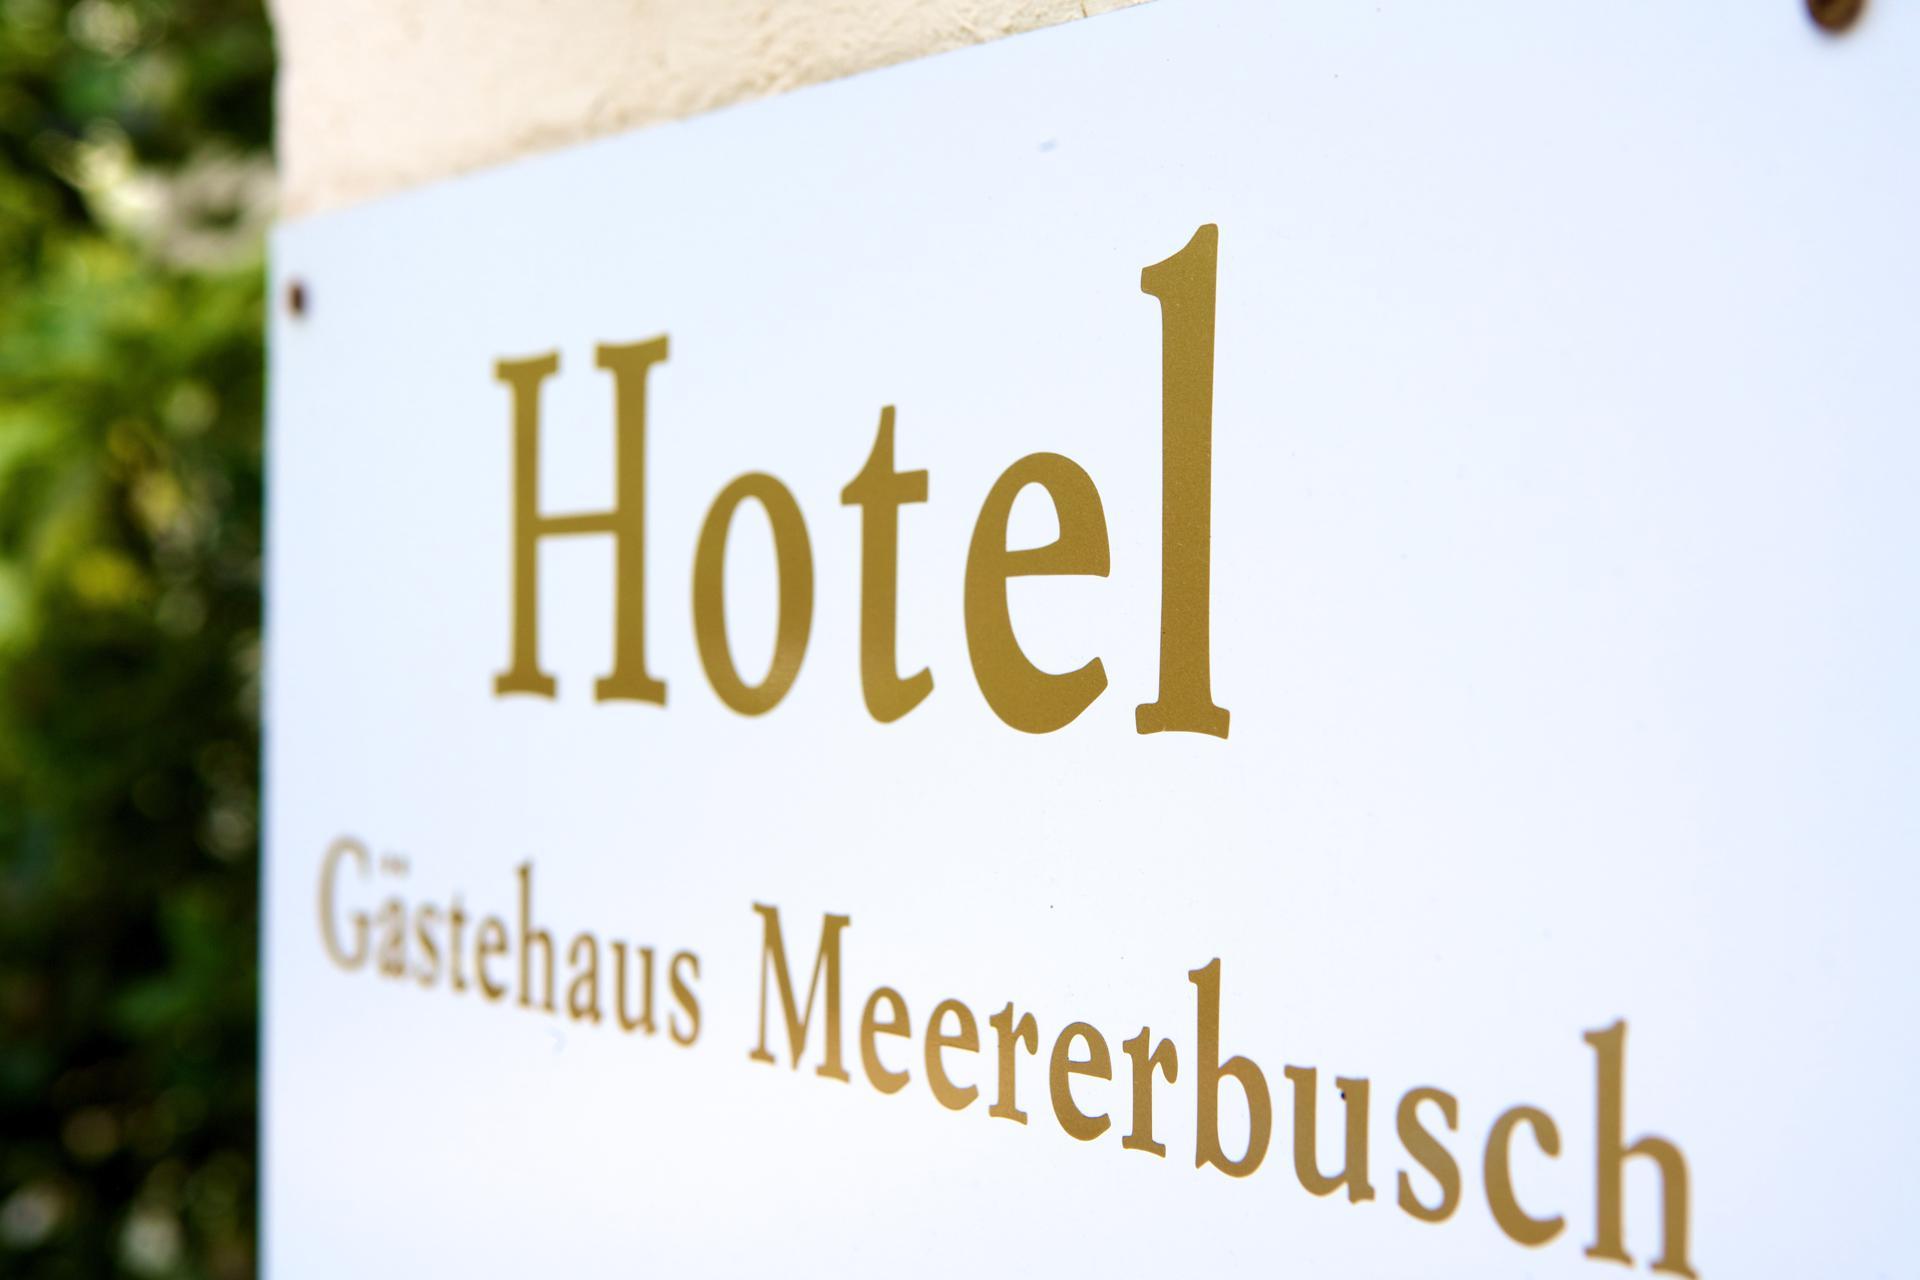 Welcome to Hotel Villa Meererbusch